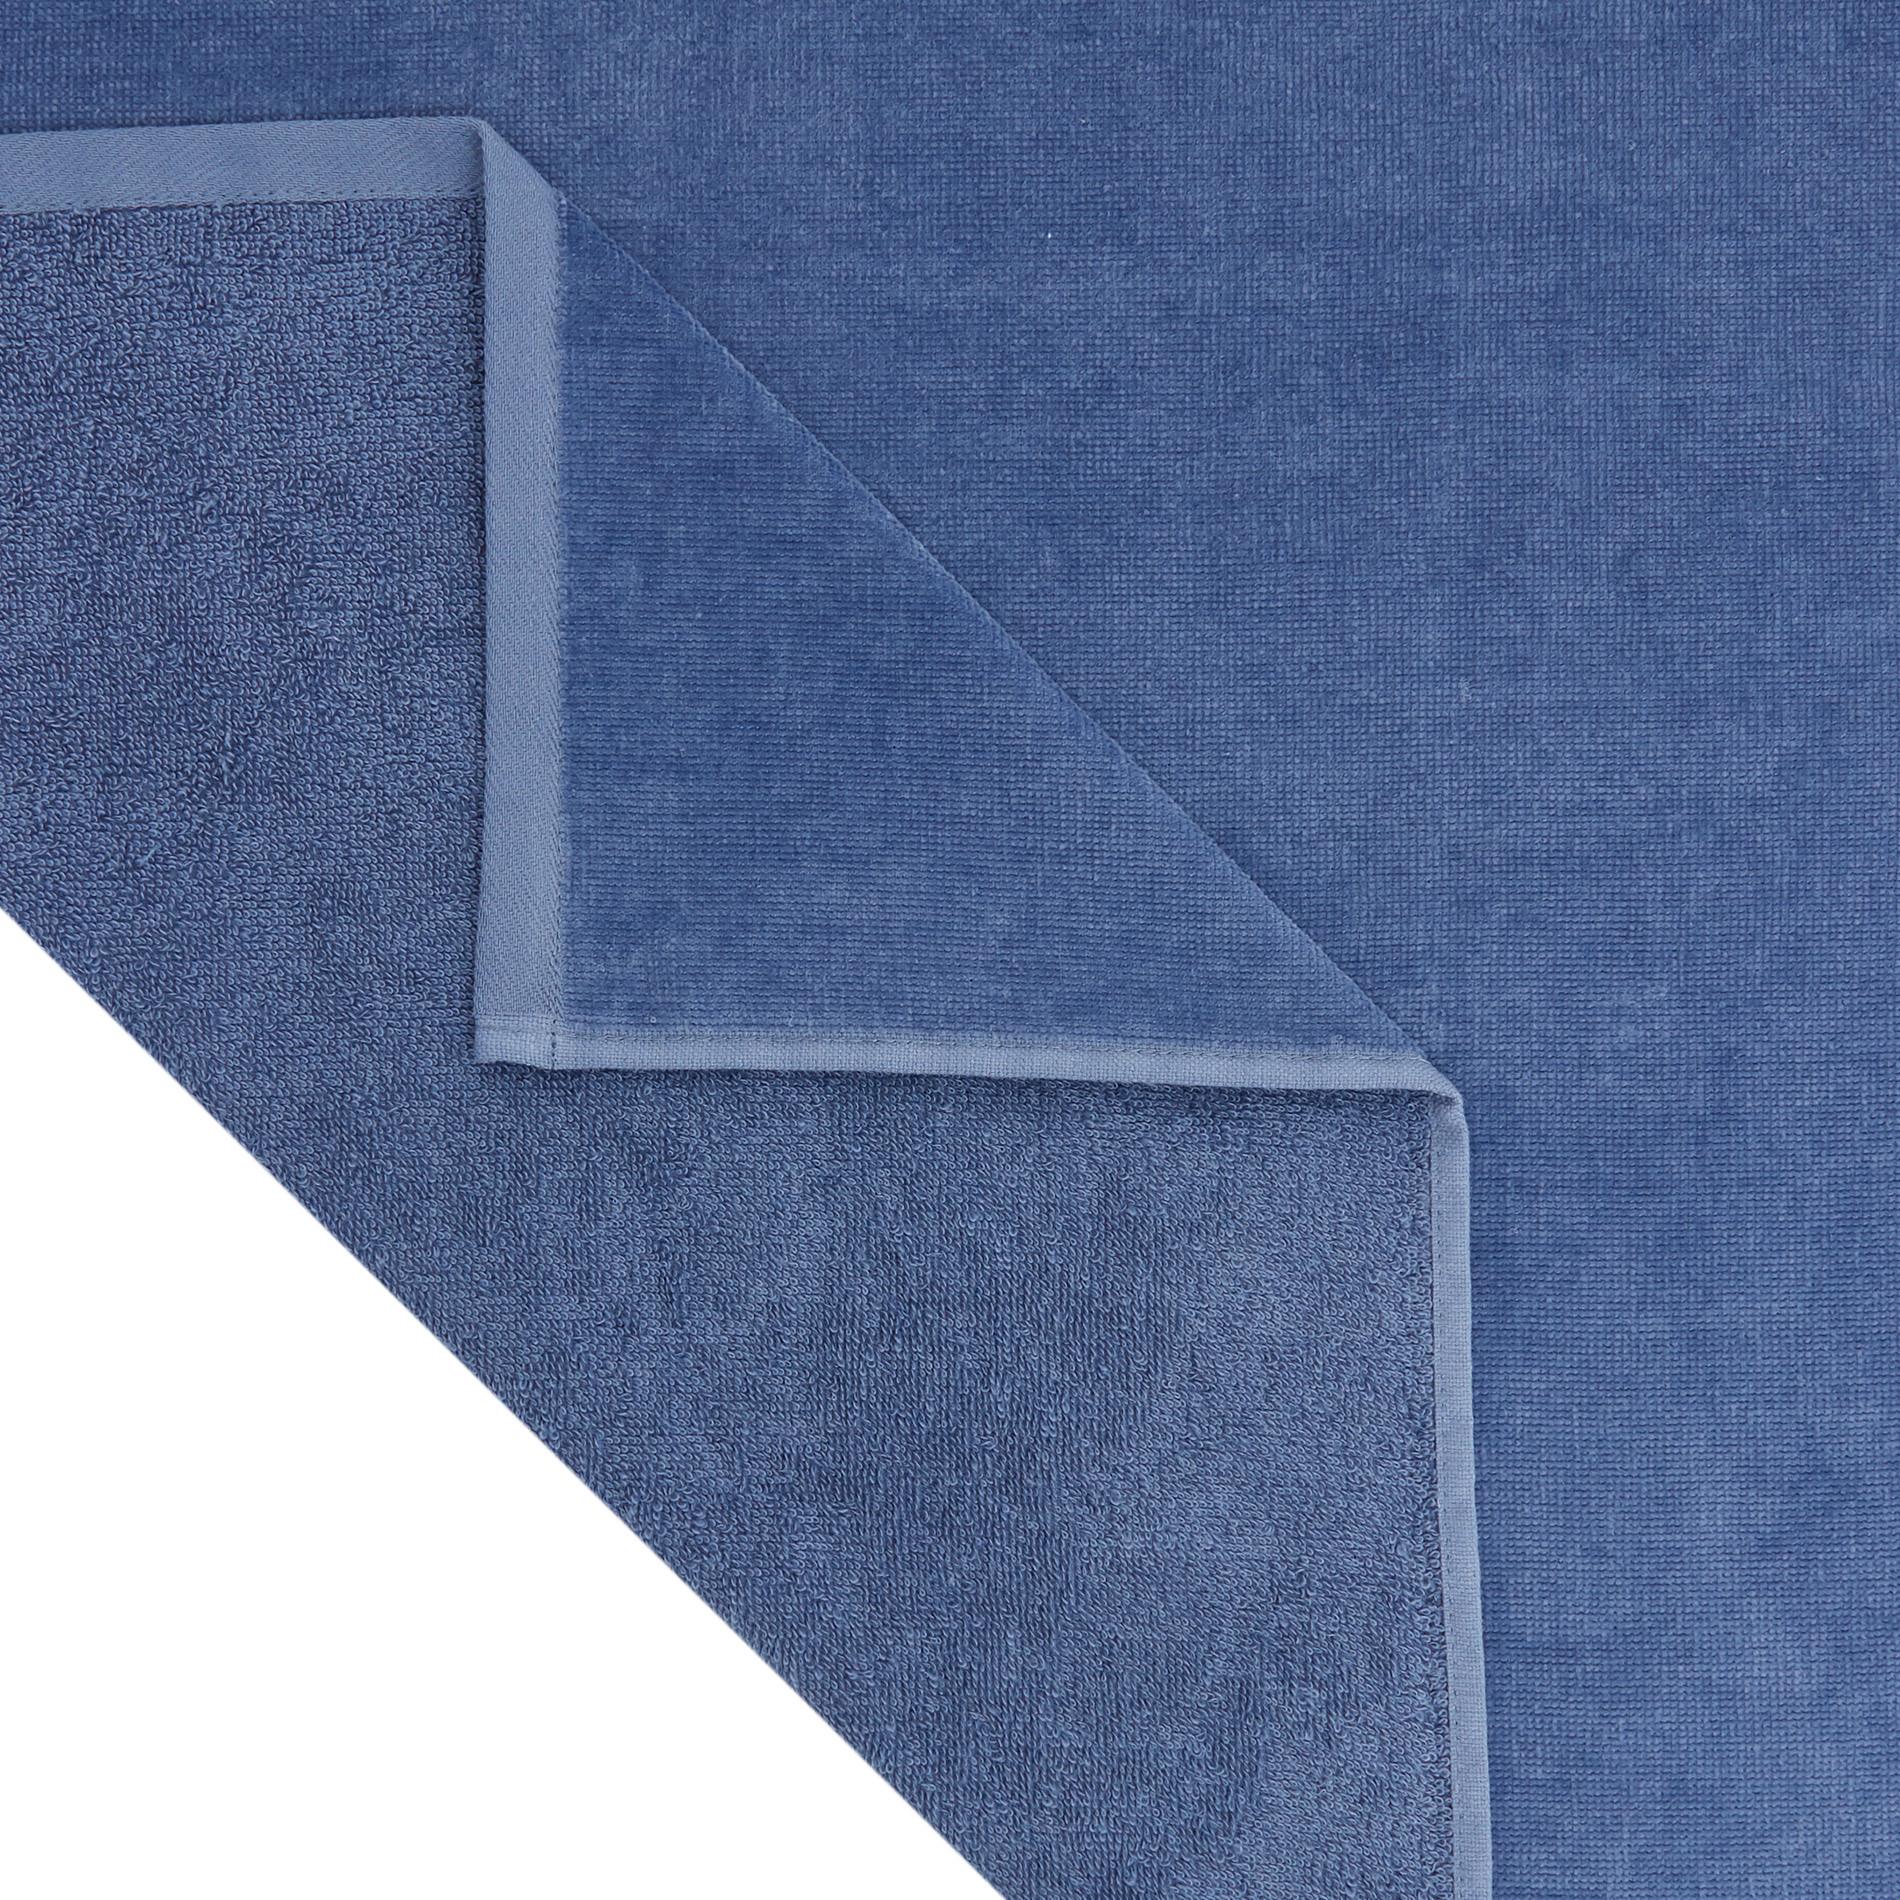 Telo mare in spugna di cotone con tasca, Blu scuro, large image number 2